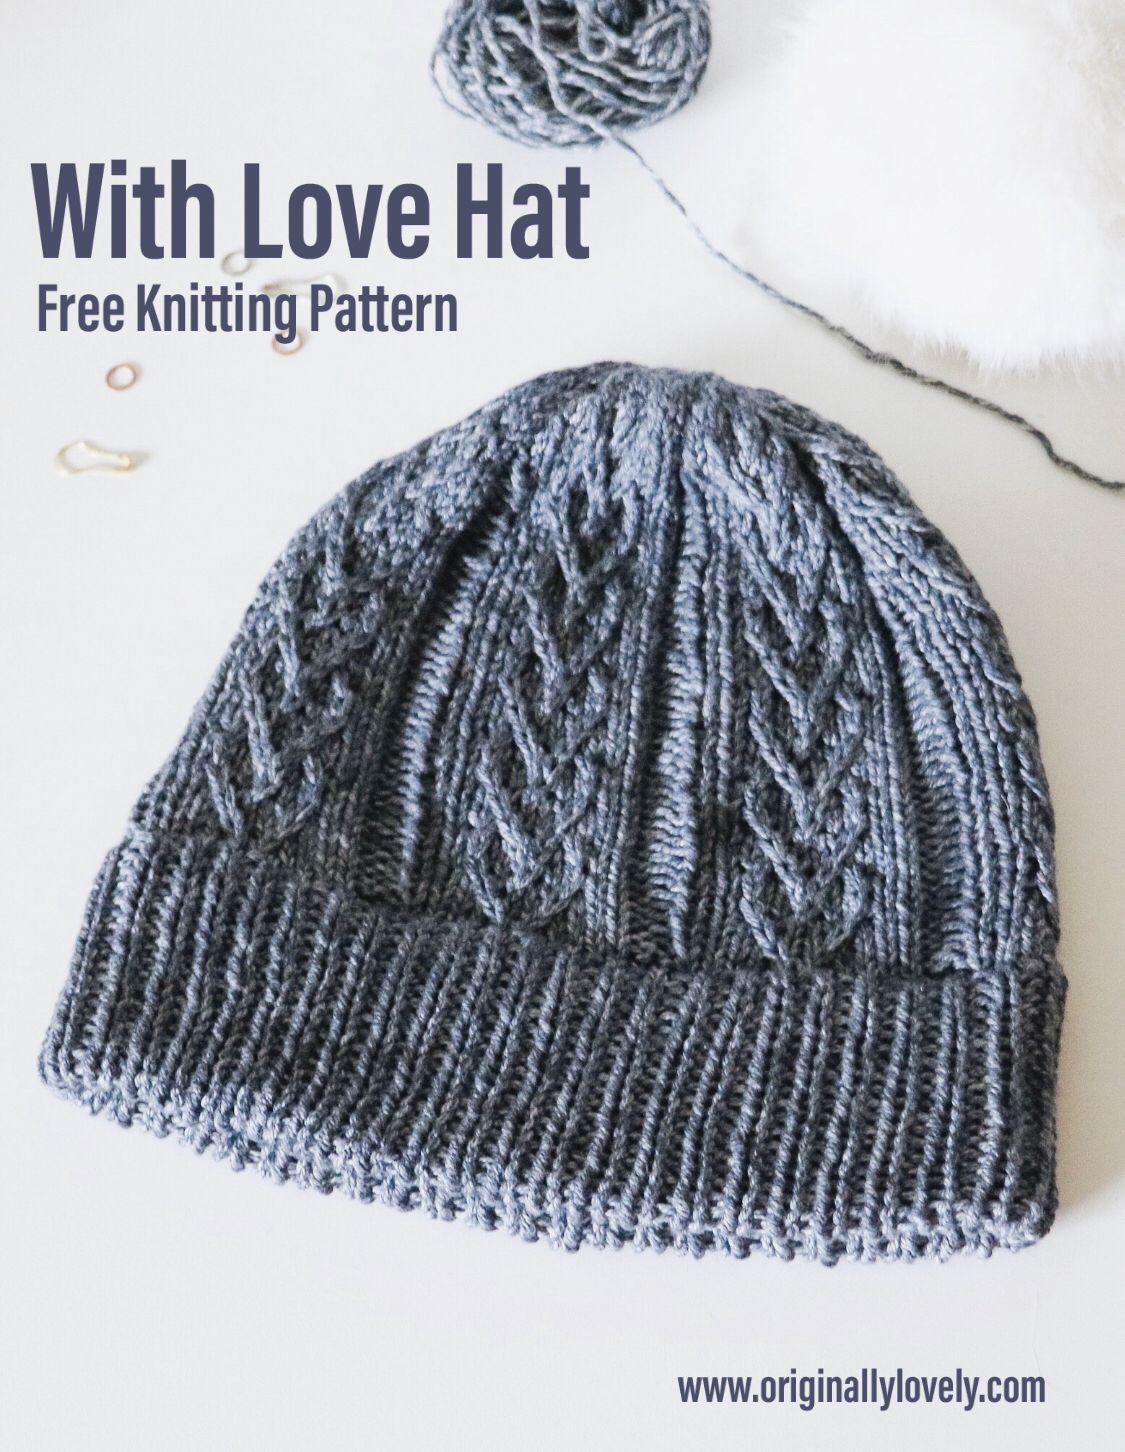 With Love Hat Knitting Pattern en 2018 | Crochet & Knitting Patterns ...